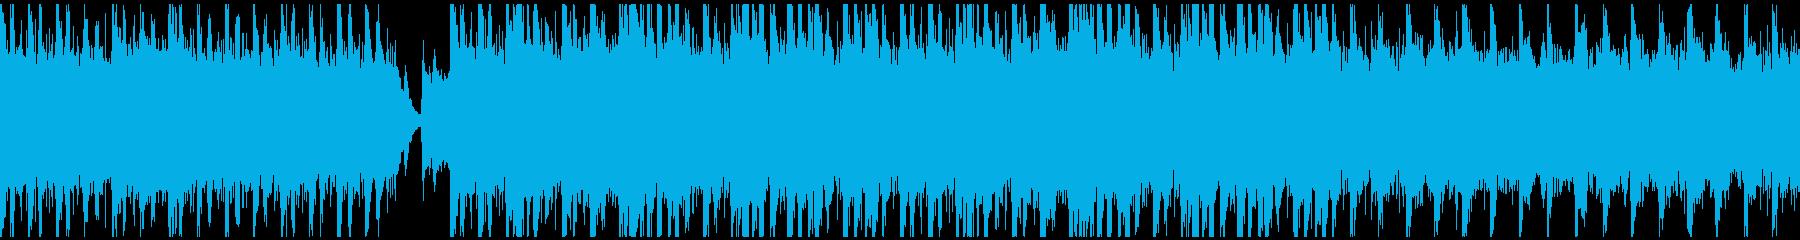 RPGの戦闘曲2(ループ)の再生済みの波形